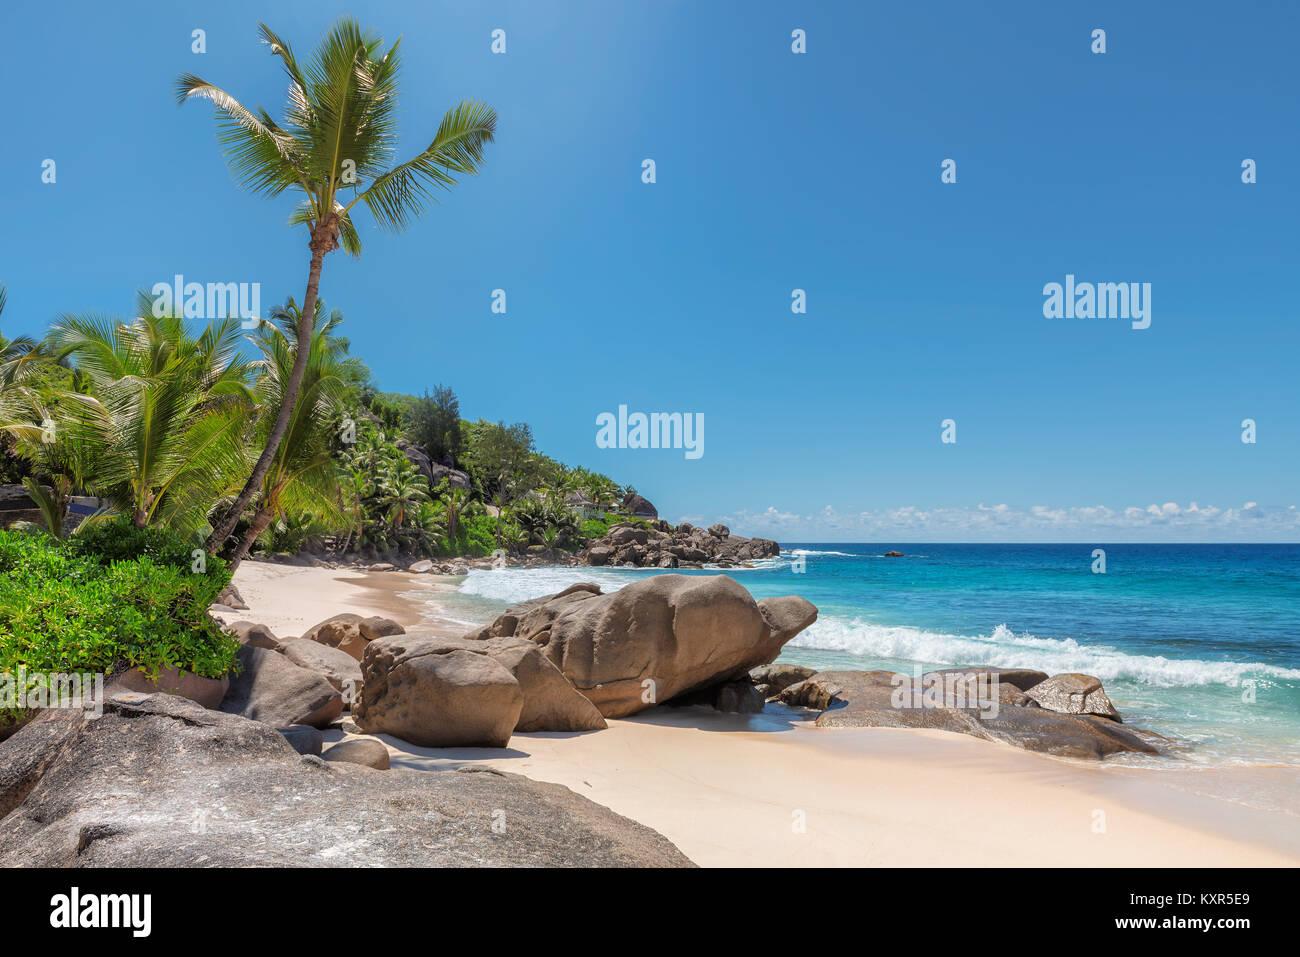 Seychelles plage avec palmiers et de belles pierres. Photo Stock